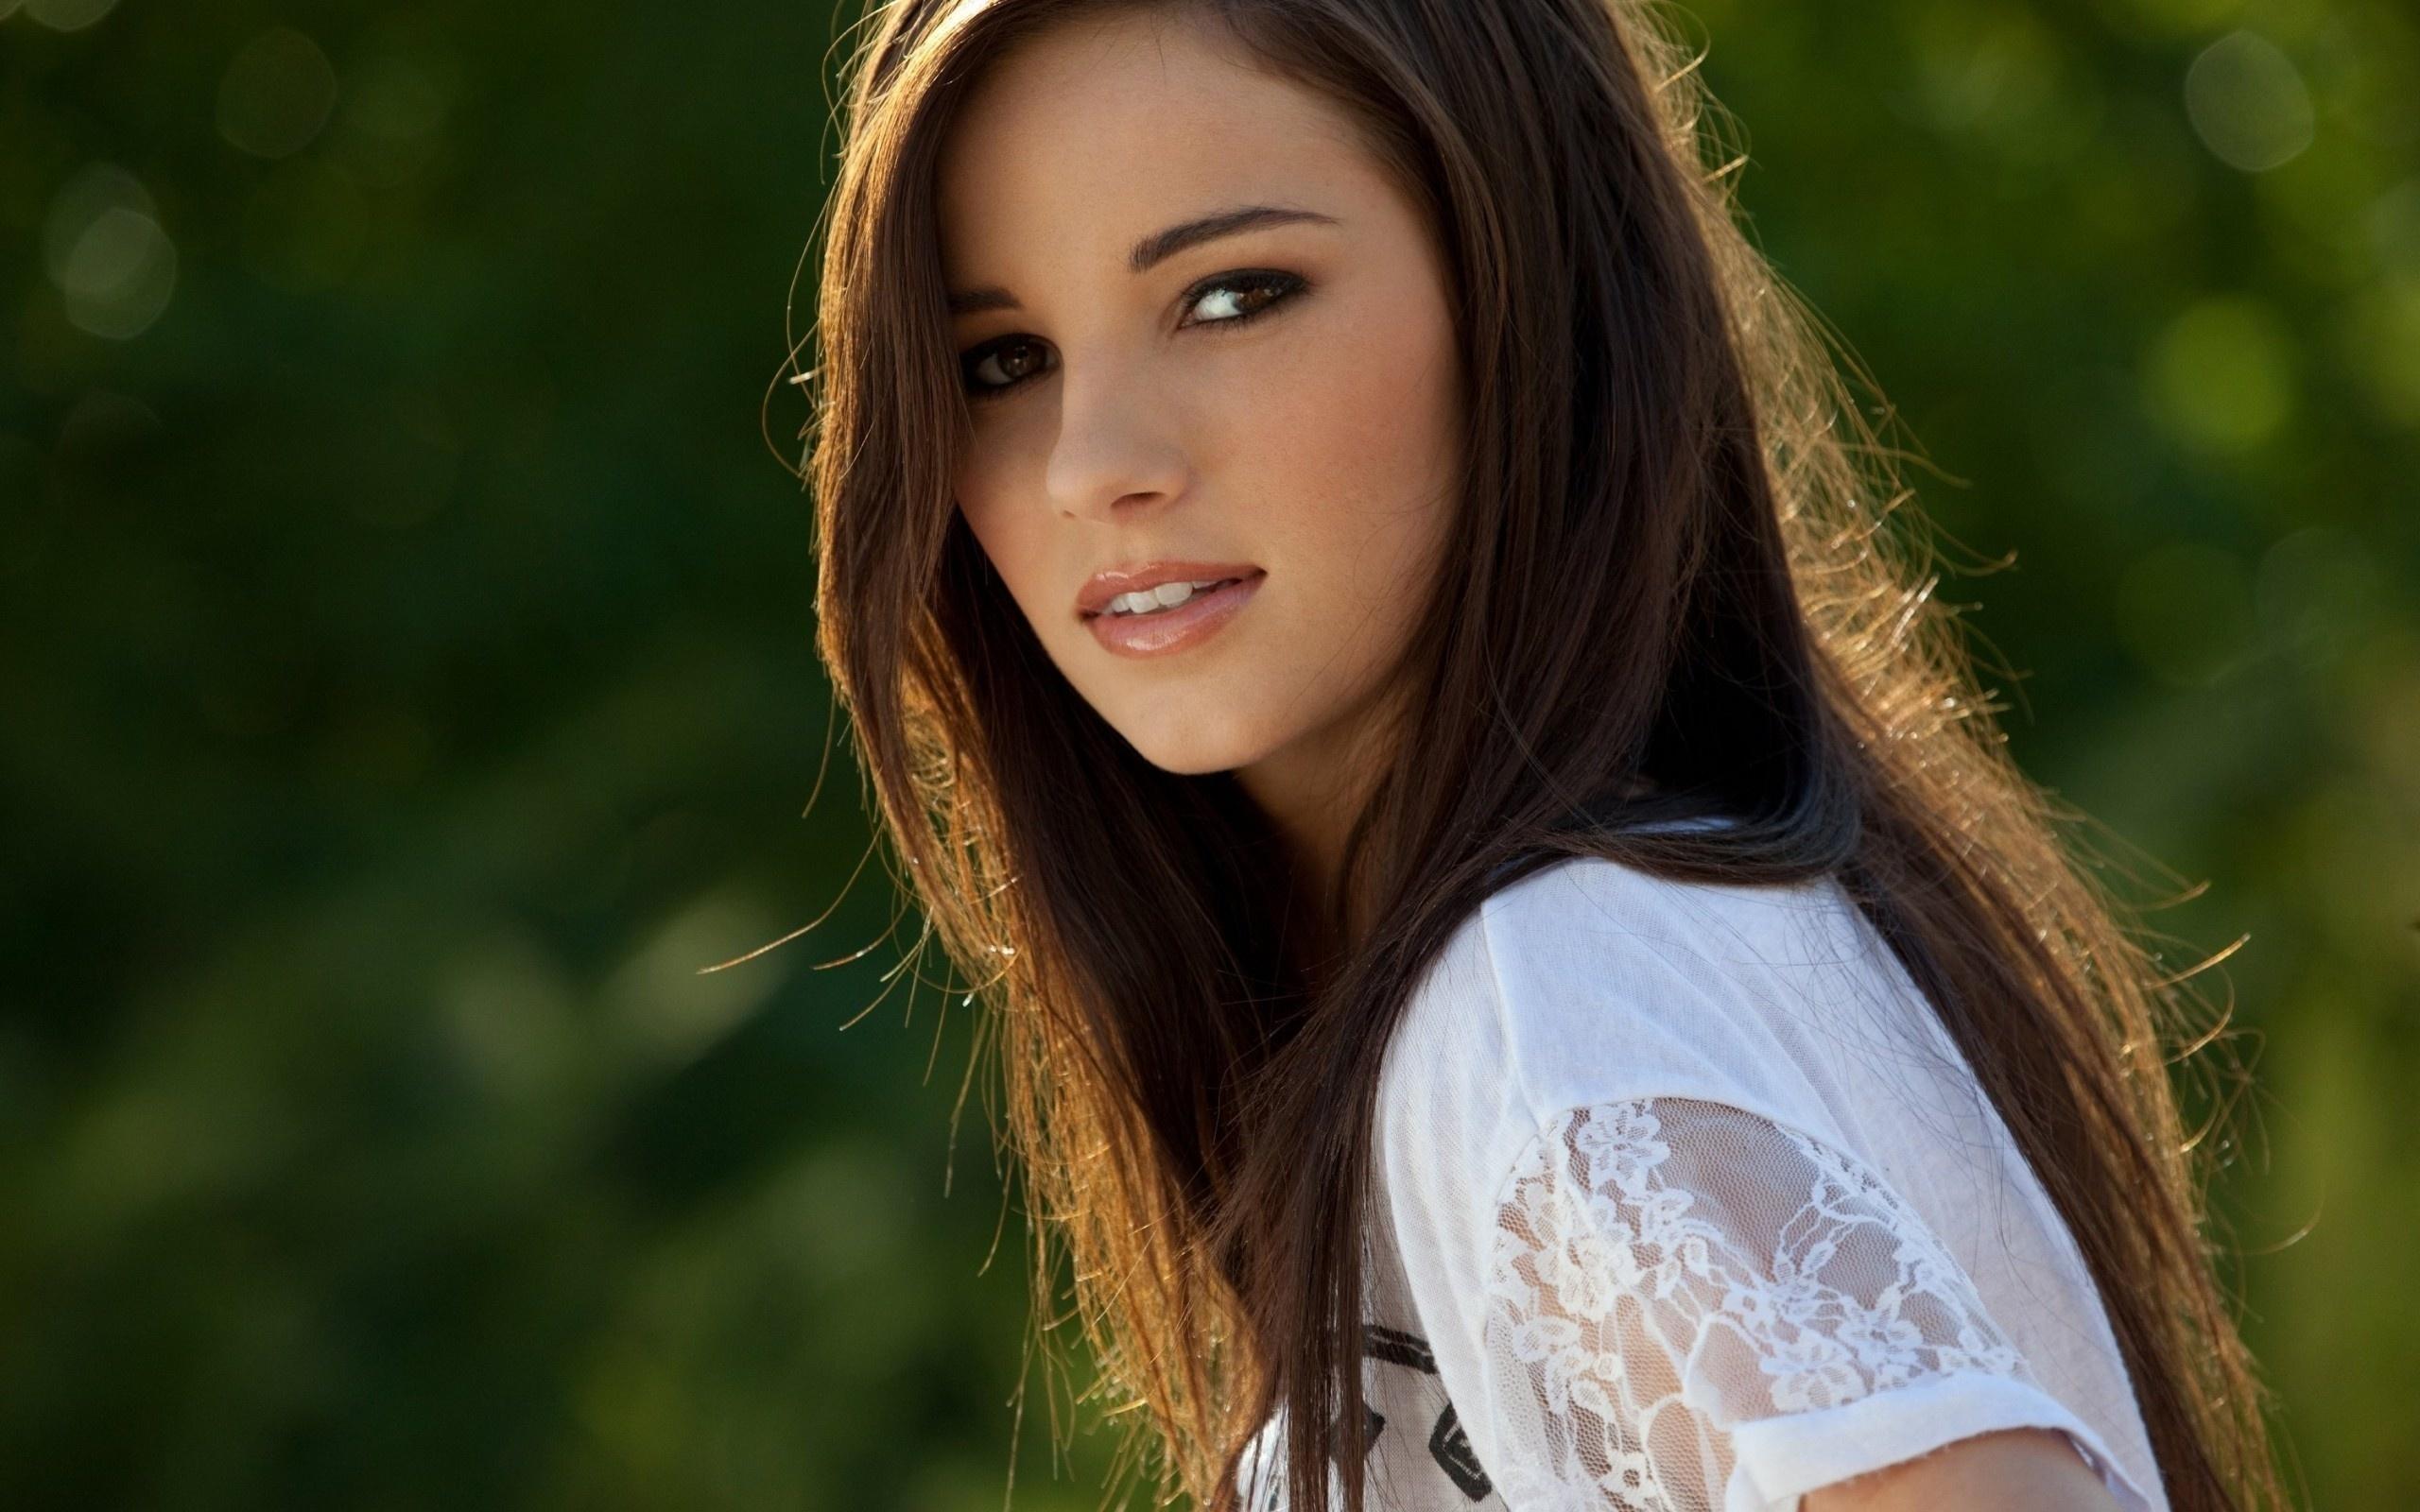 очень красивая девушка ртом просунула